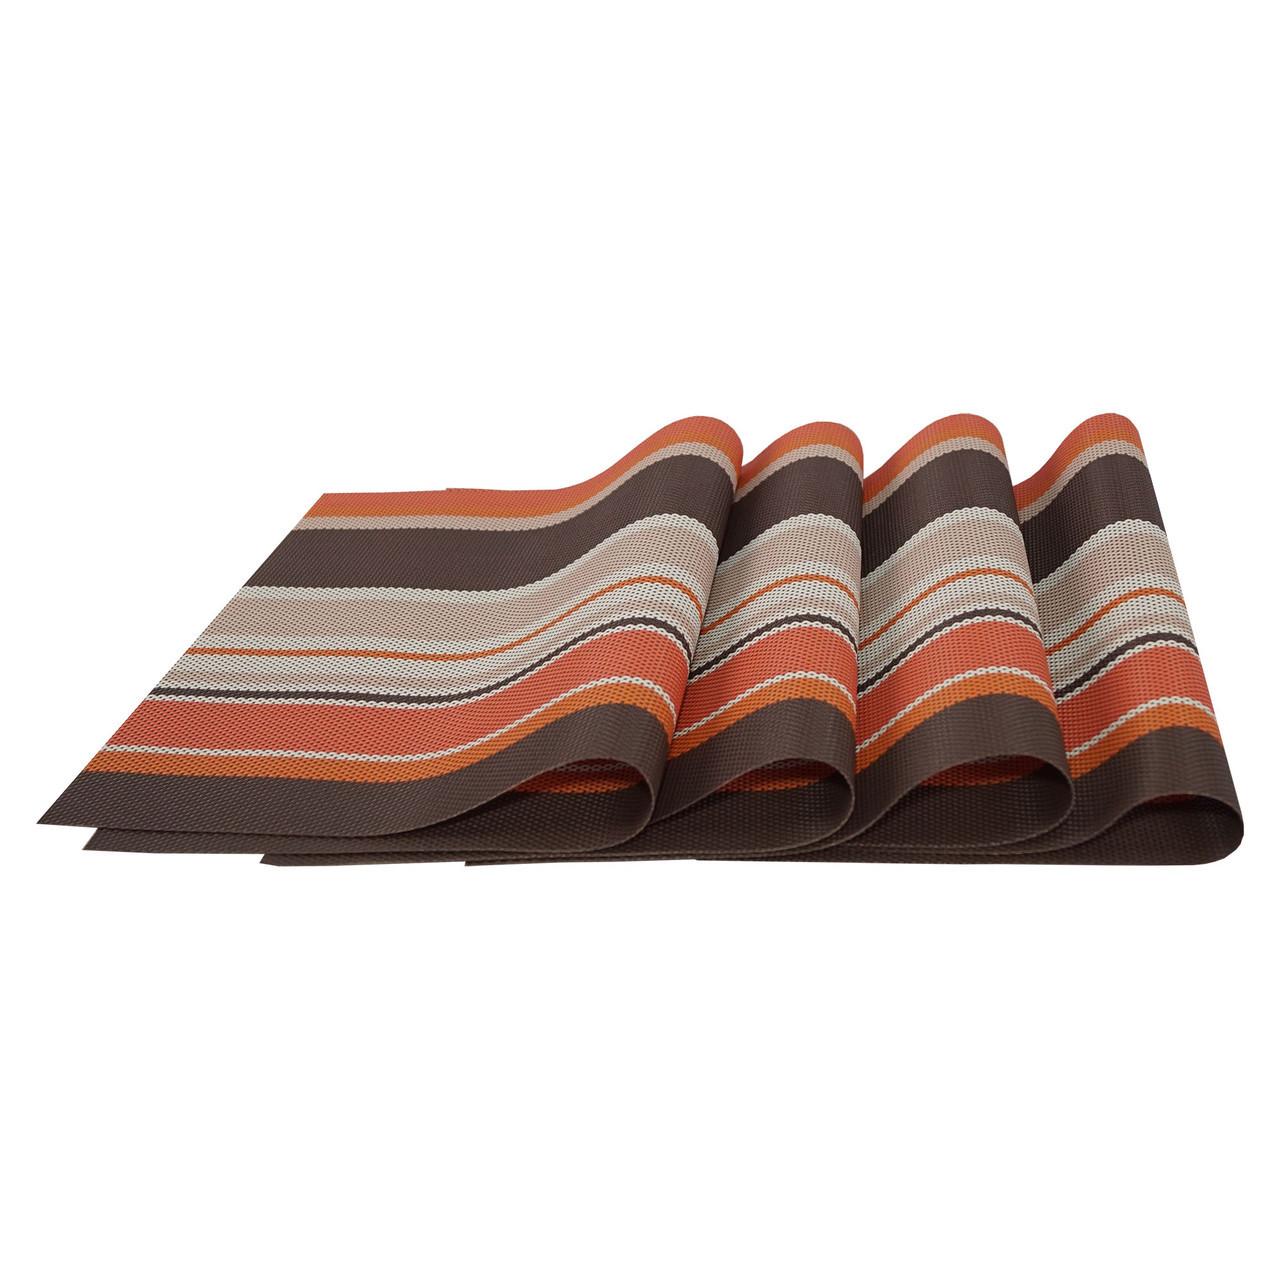 Сервировочные коврики, декоративные, на стол, 4 шт. в наборе, цвет - коричнево-оранжевый (NS)